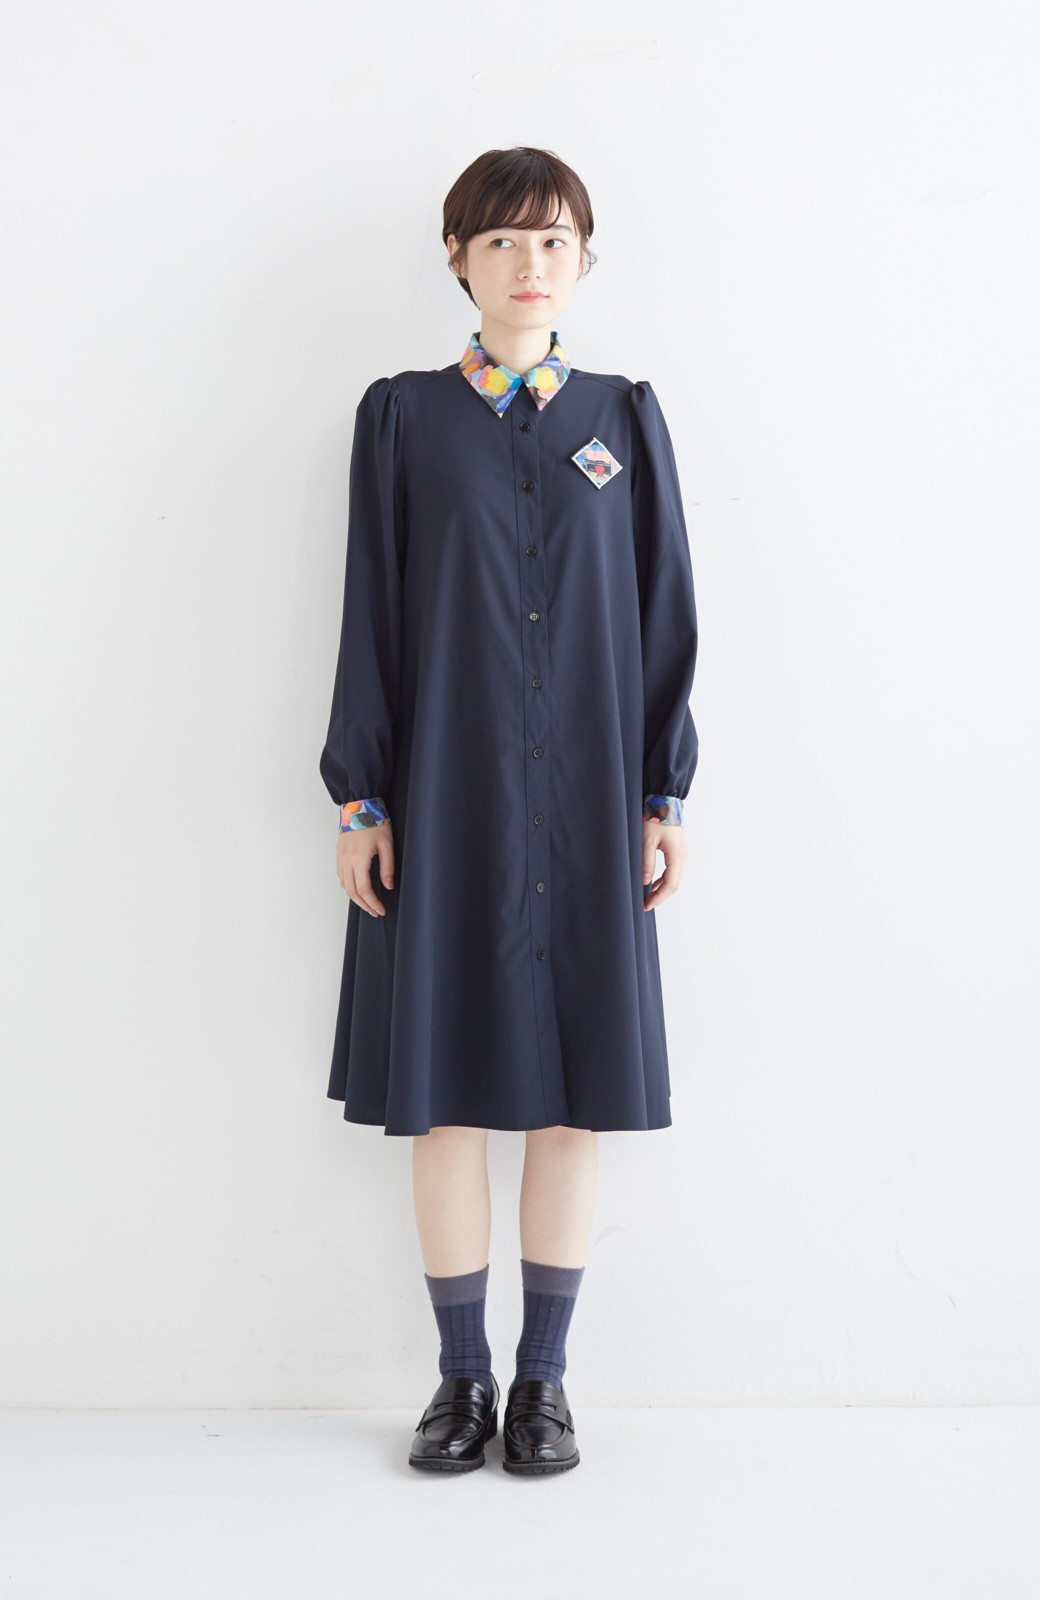 haco! 【再販決定】co&tion×haco! 入谷葉子 おすましワンピースとブローチのセット <ネイビー>の商品写真3